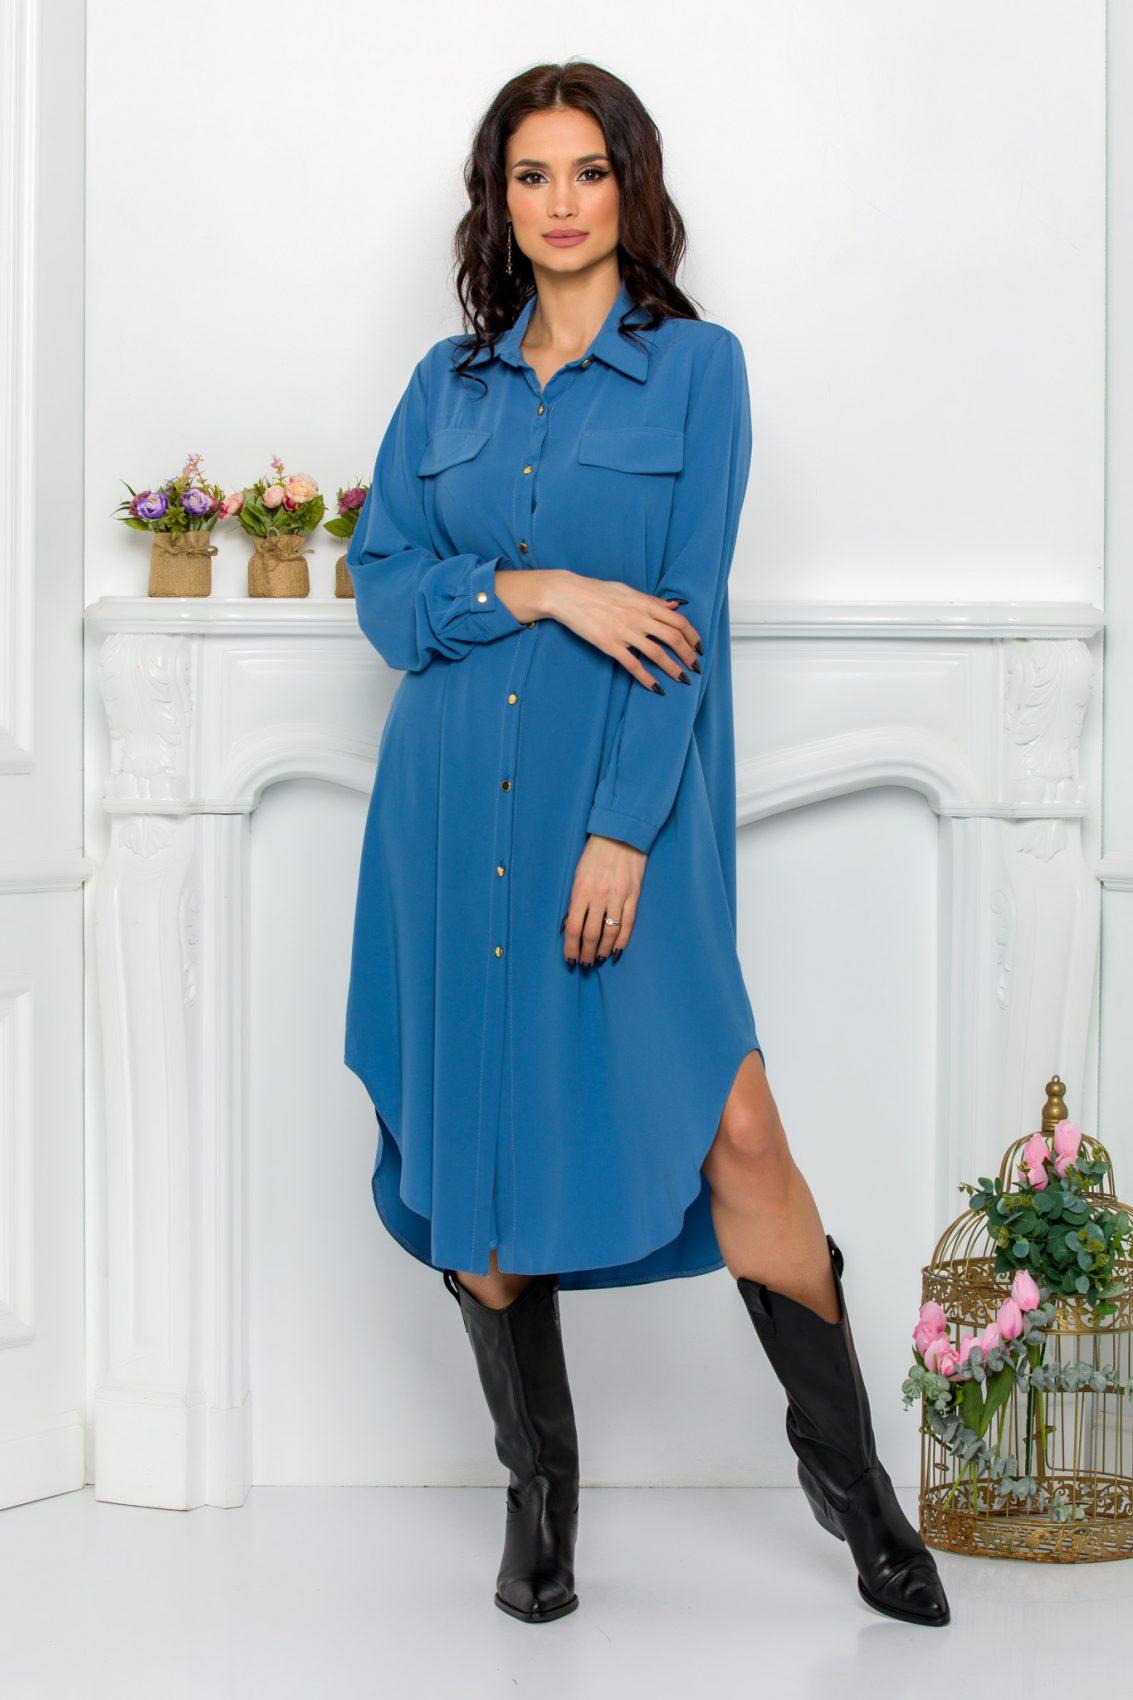 Μπλε Φόρεμα Πουκάμισο Μεγάλα Μεγέθη Kandy 9526 1